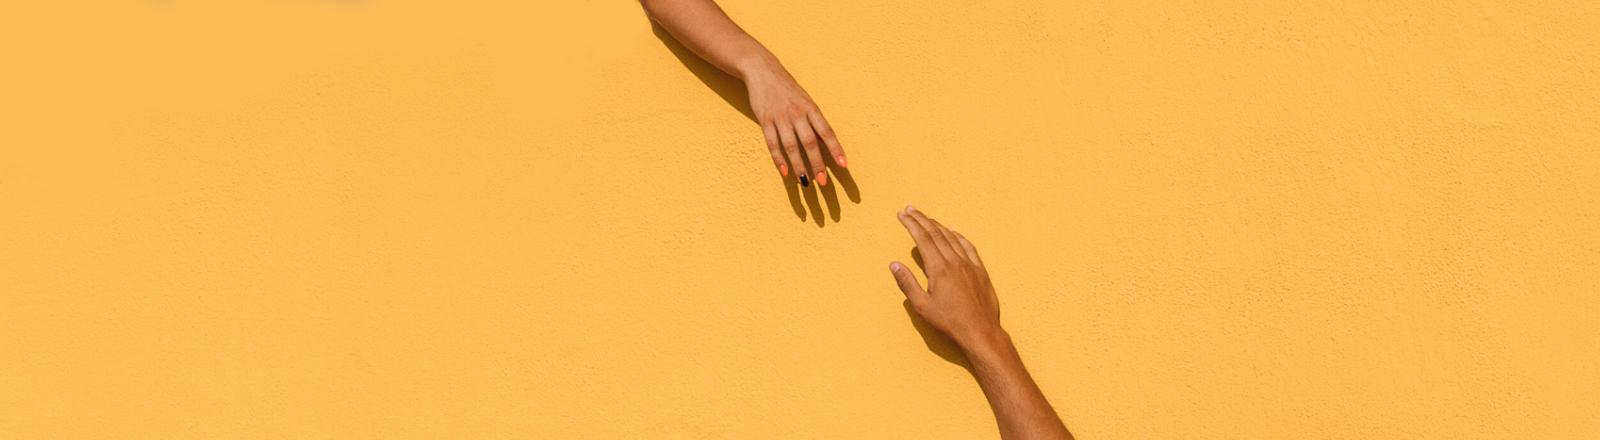 Hände strecken sich zueinander